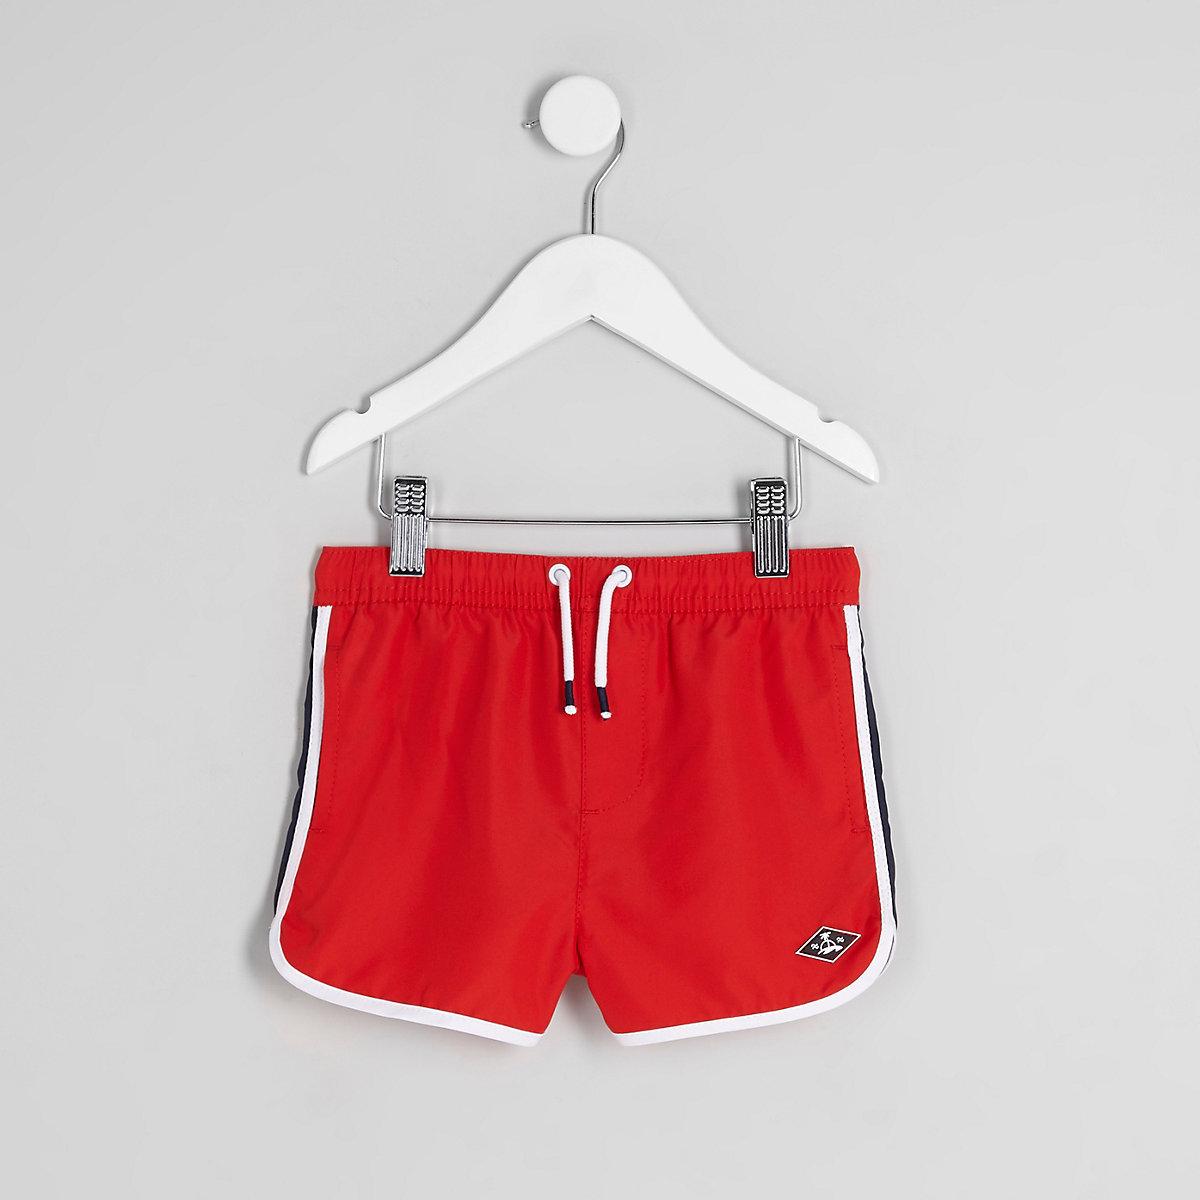 Mini boys red runner swim shorts